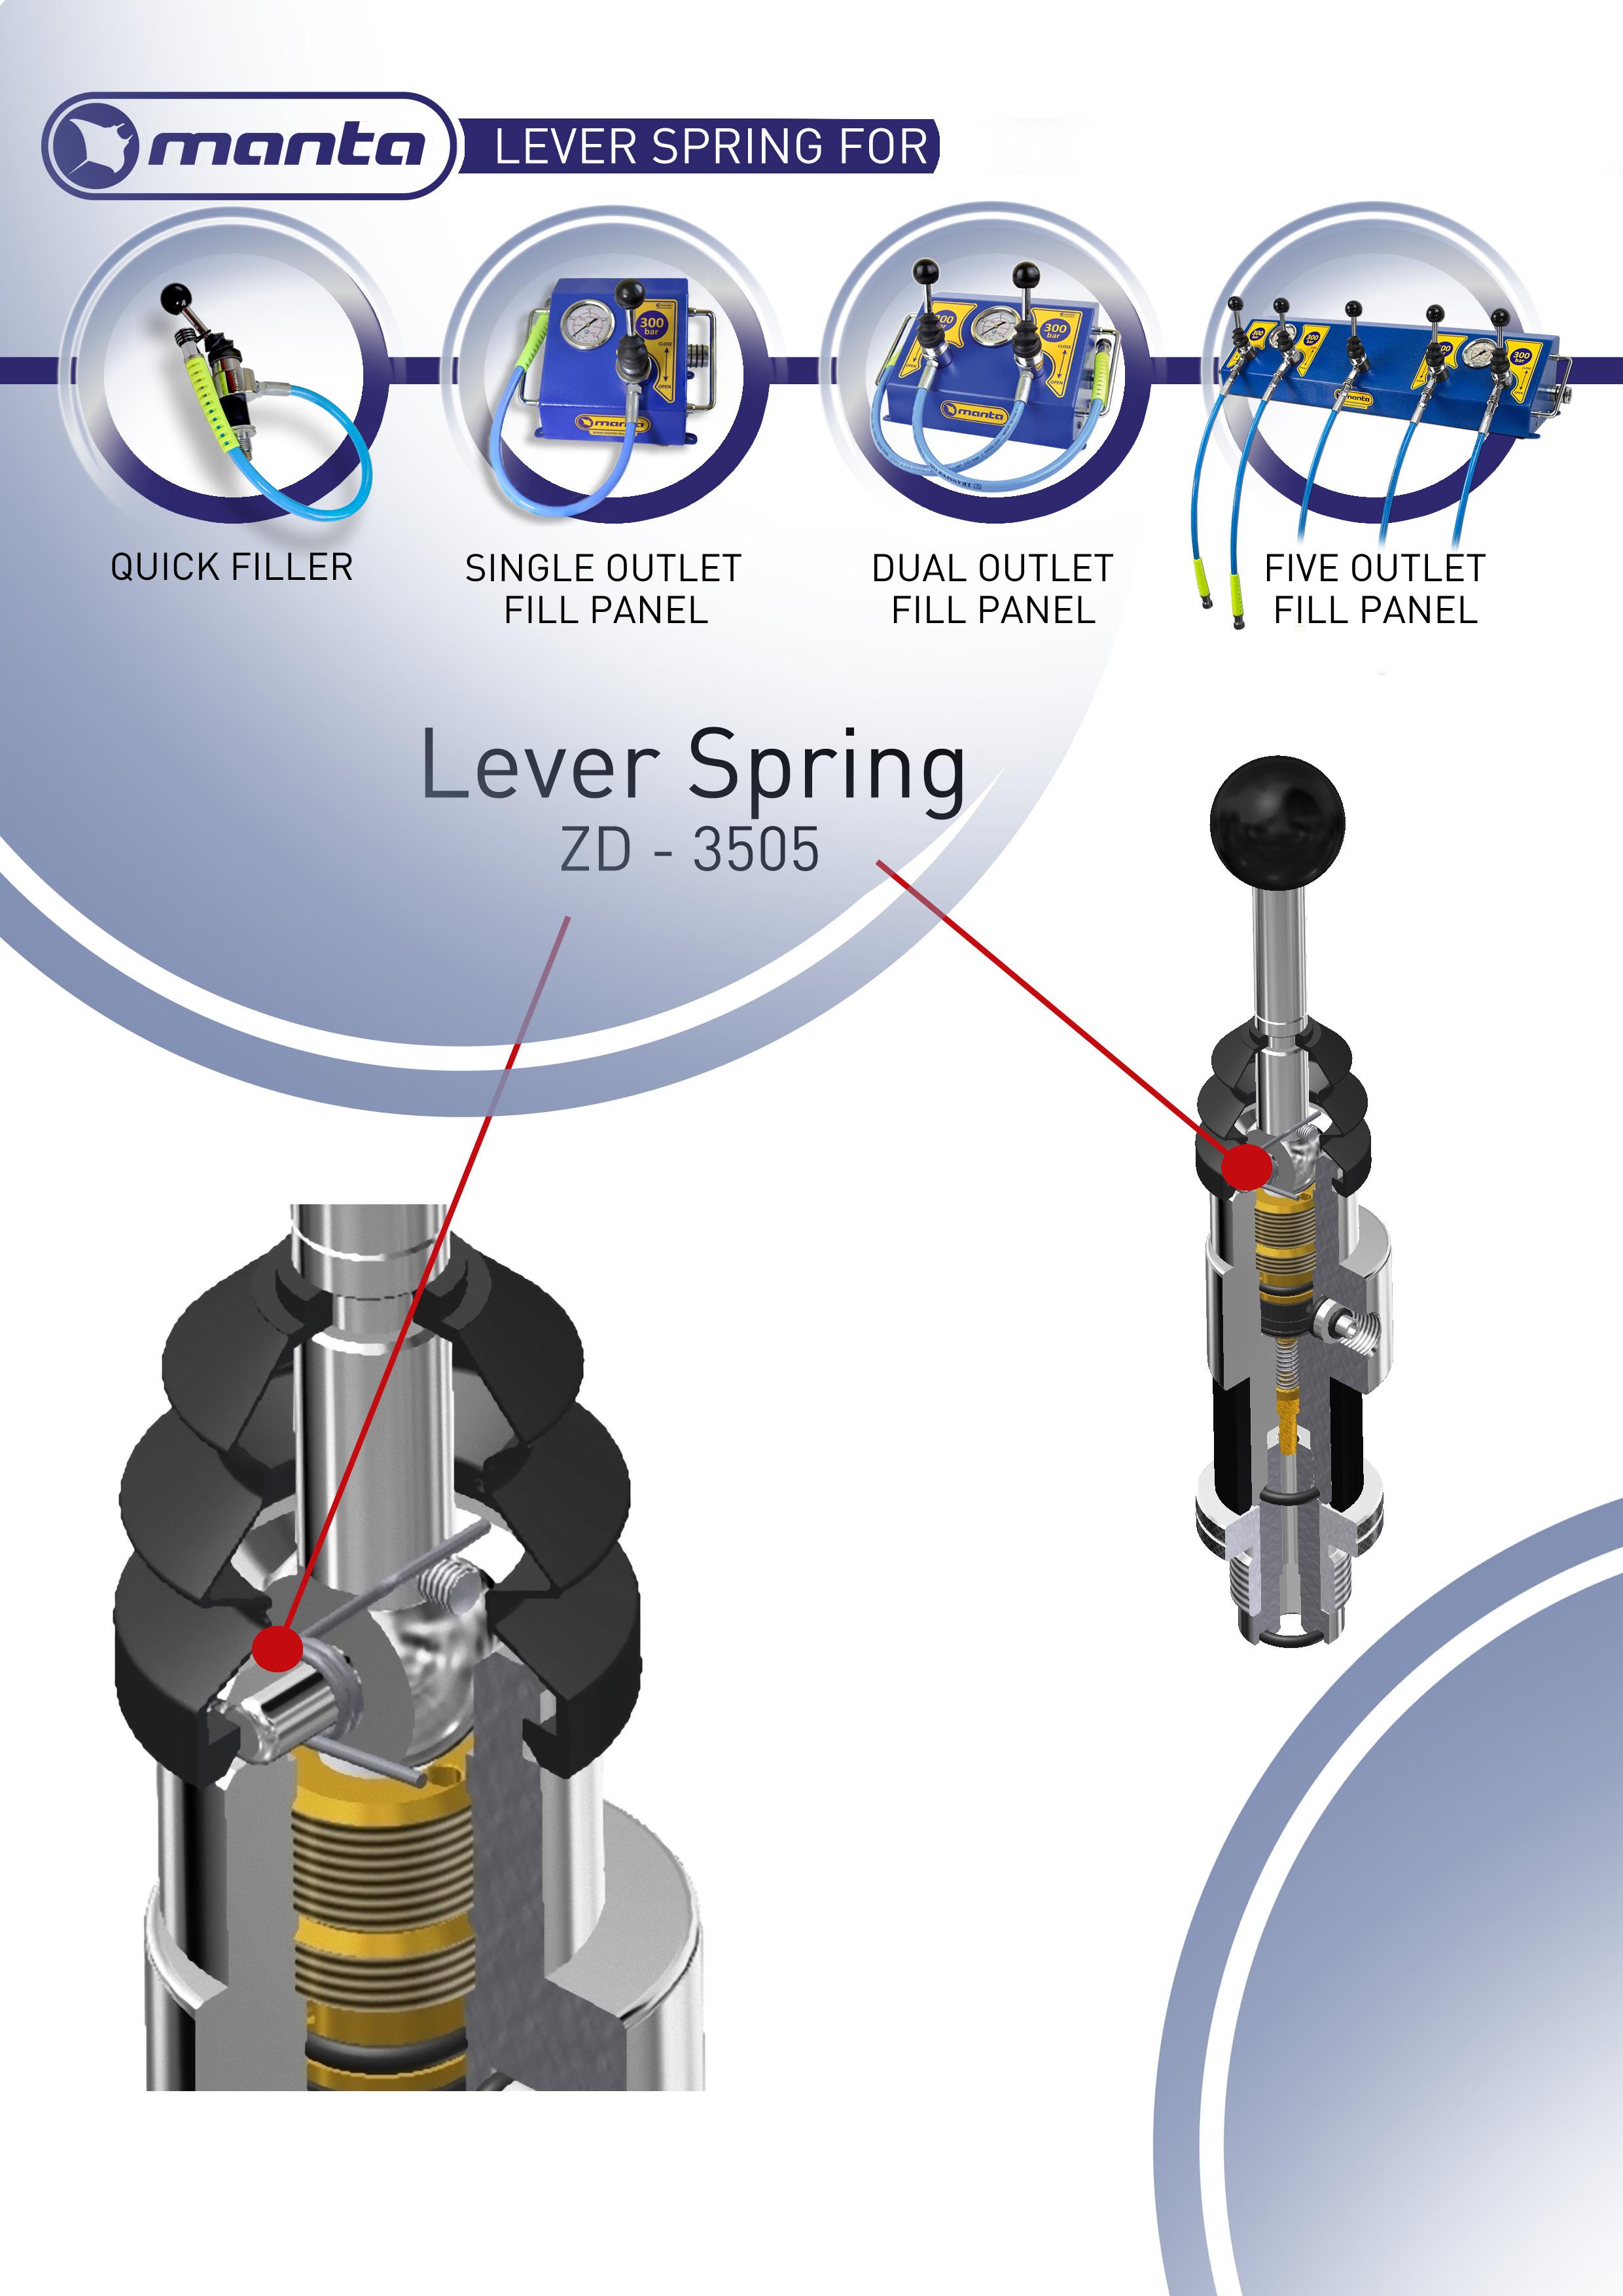 manta lever spring f r quick filler und lever valve. Black Bedroom Furniture Sets. Home Design Ideas